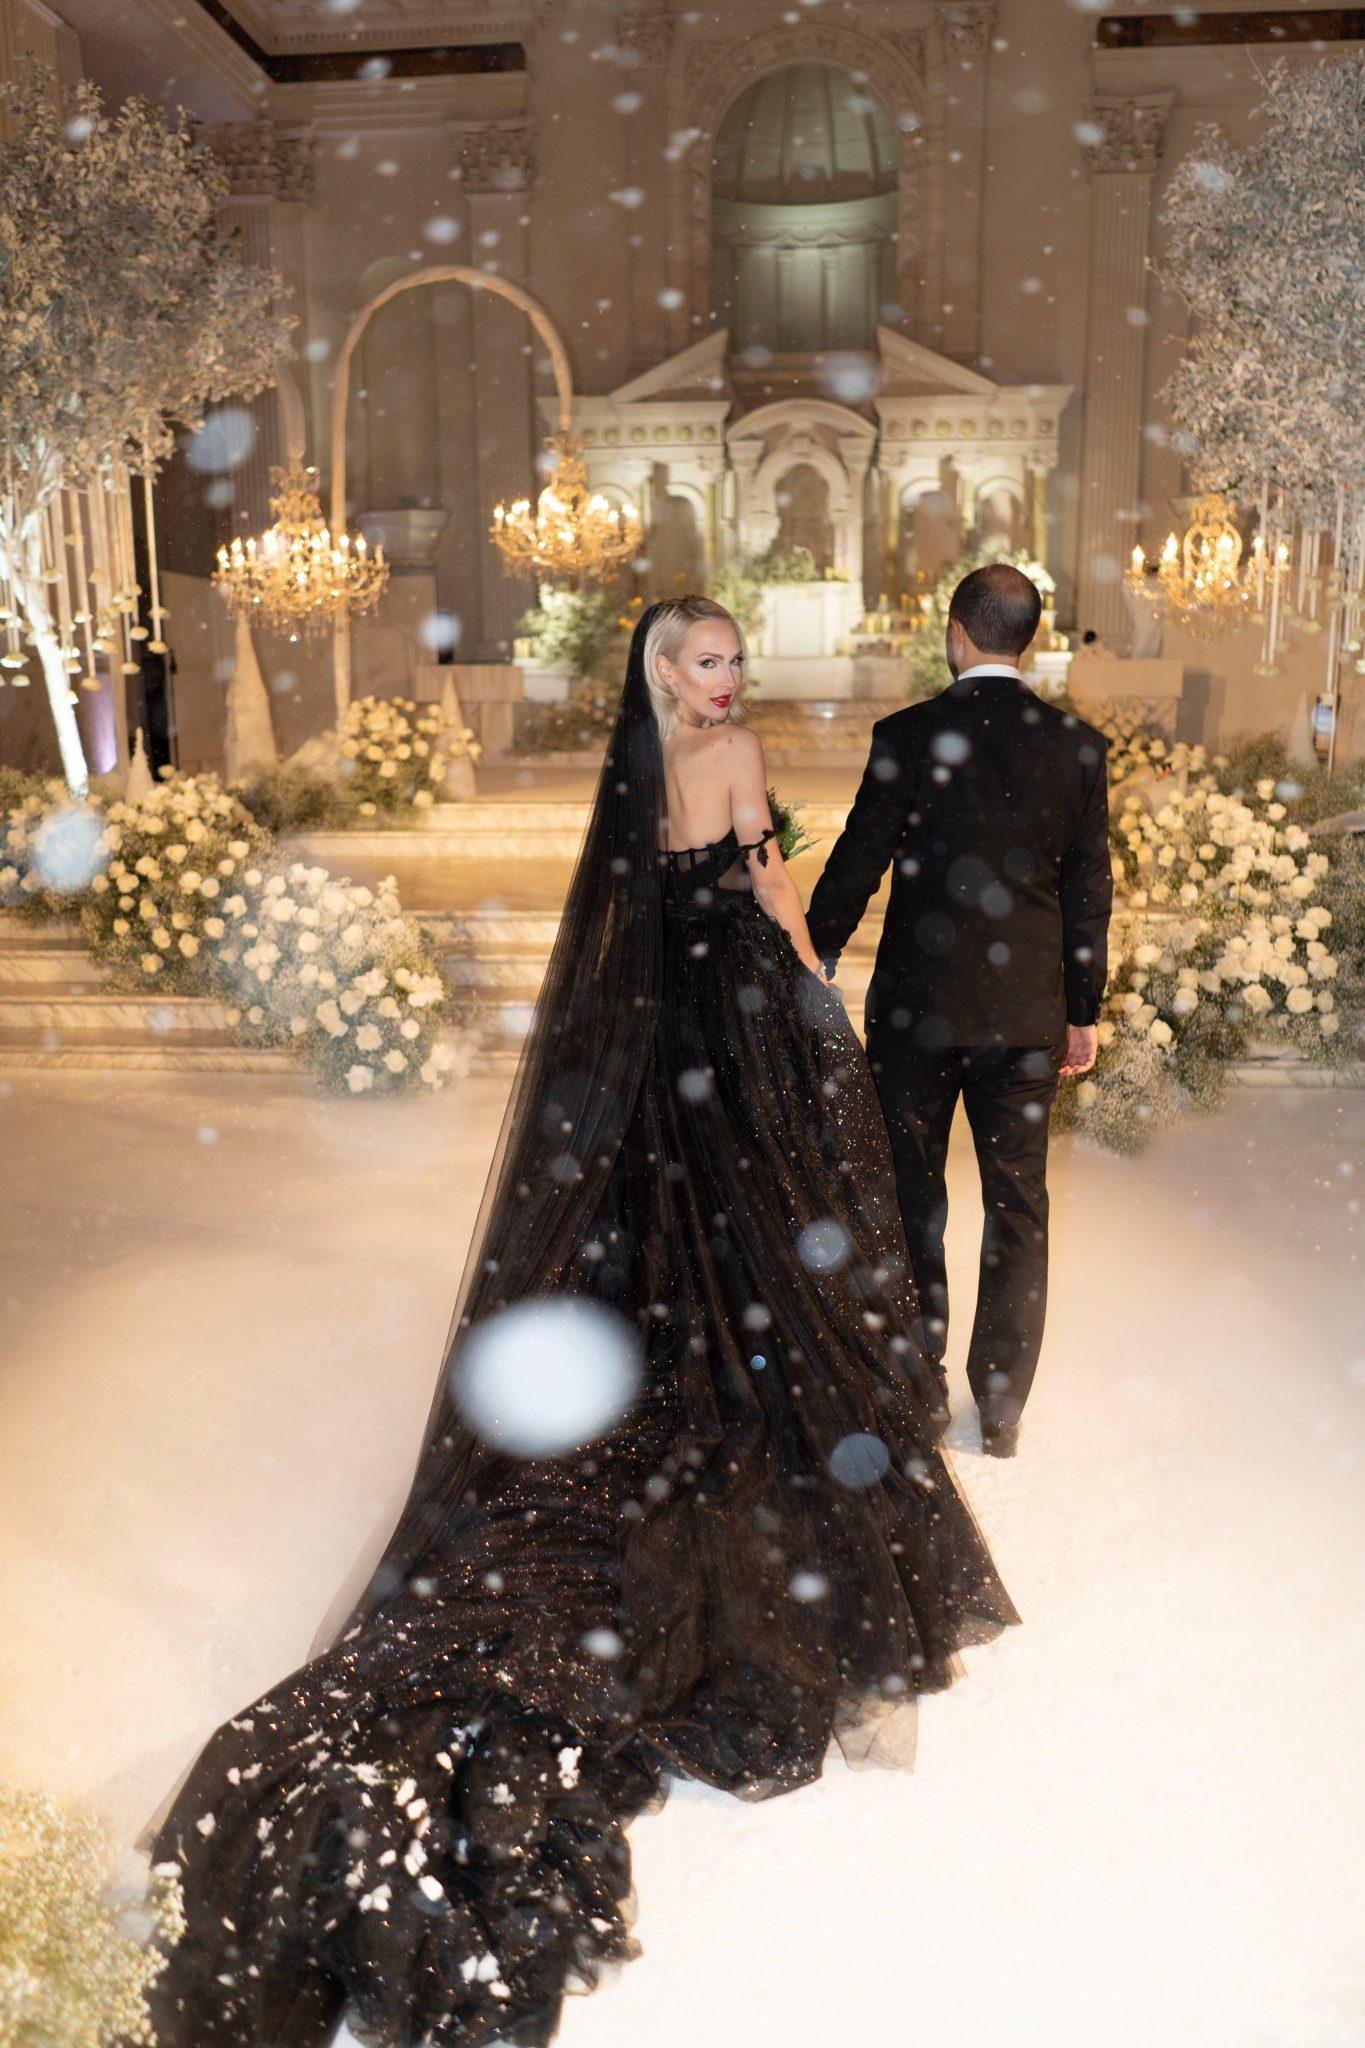 Selling Sunset's Christine Quinn's Winter Wonderland Wedding